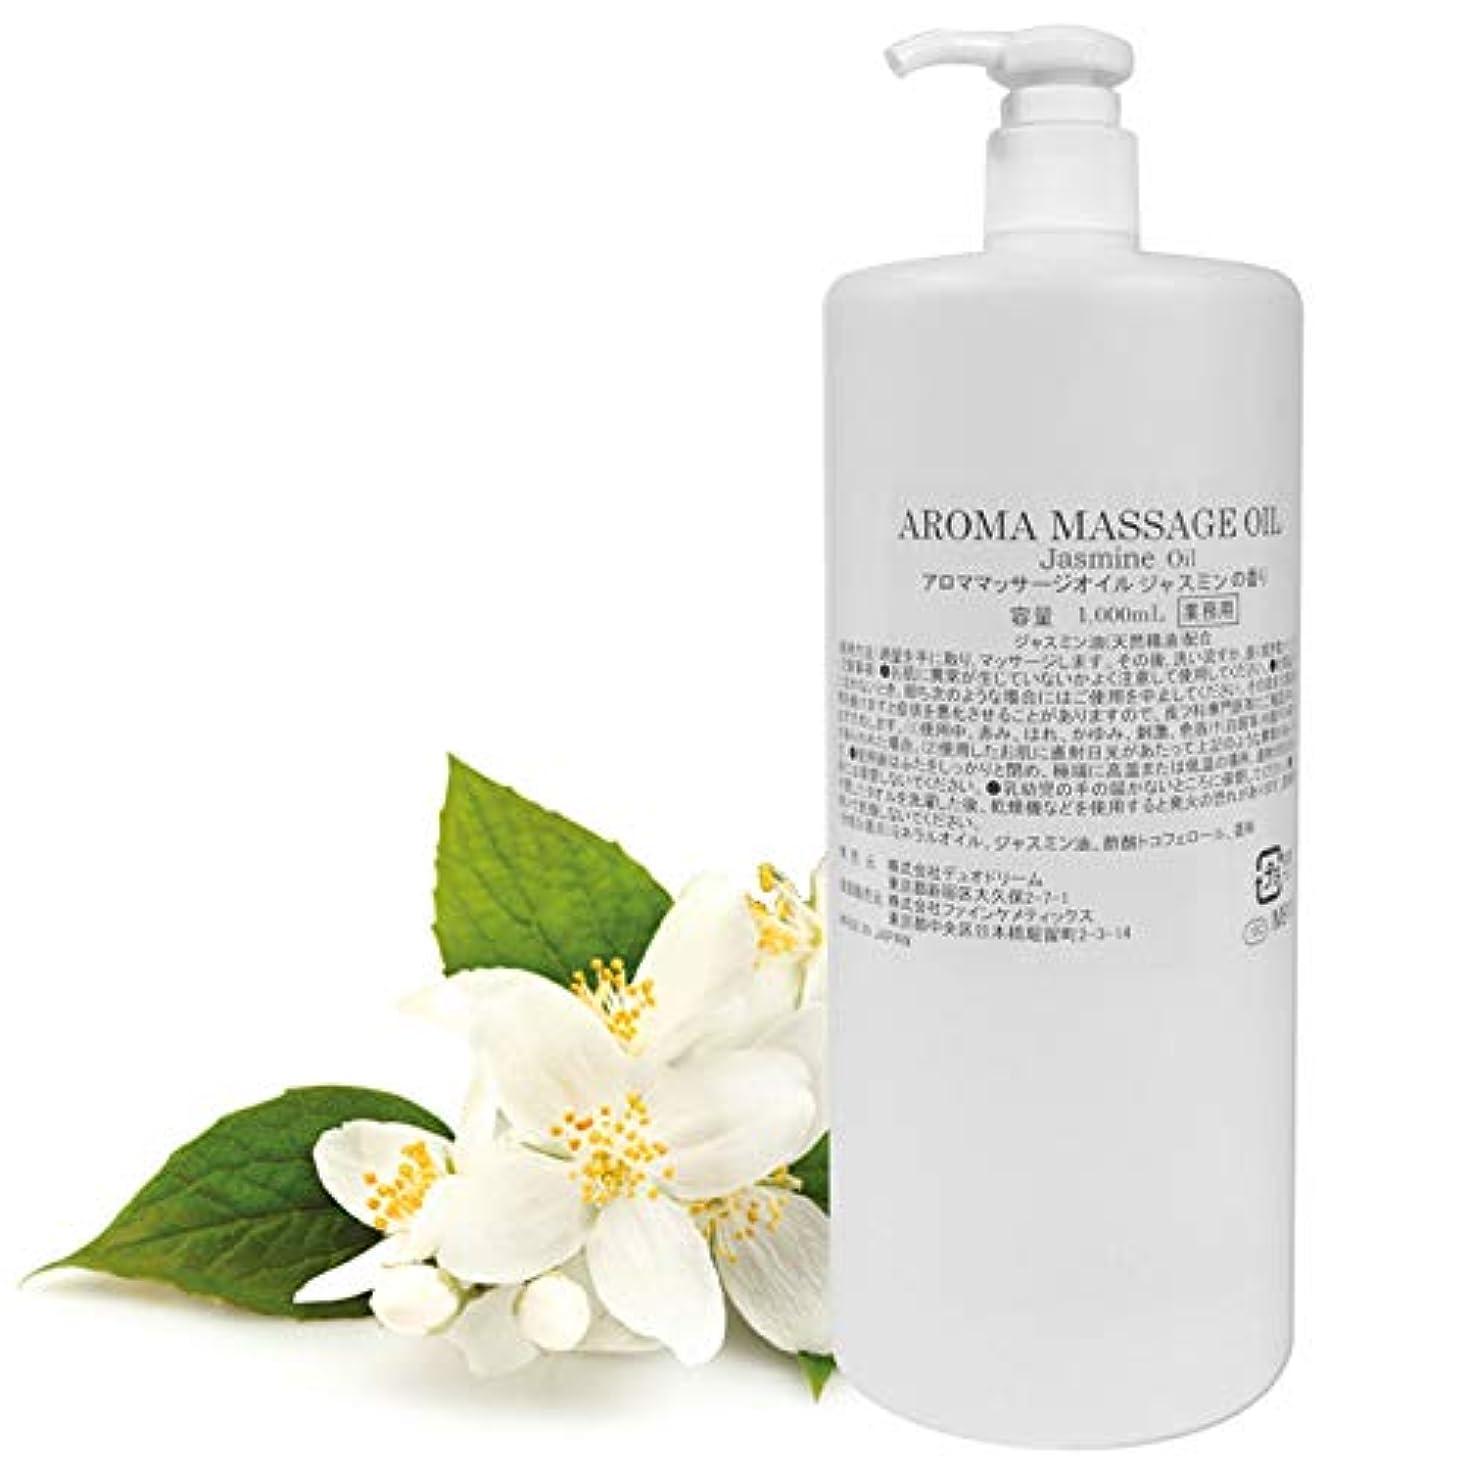 洗練された攻撃緩むNEW 日本製 アロママッサージオイル ジャスミン 1000mL 業務用 ★ジャスミン油 天然精油配合 エキゾチックなジャスミンの香り さっぱりタイプ ジャスミンオイル